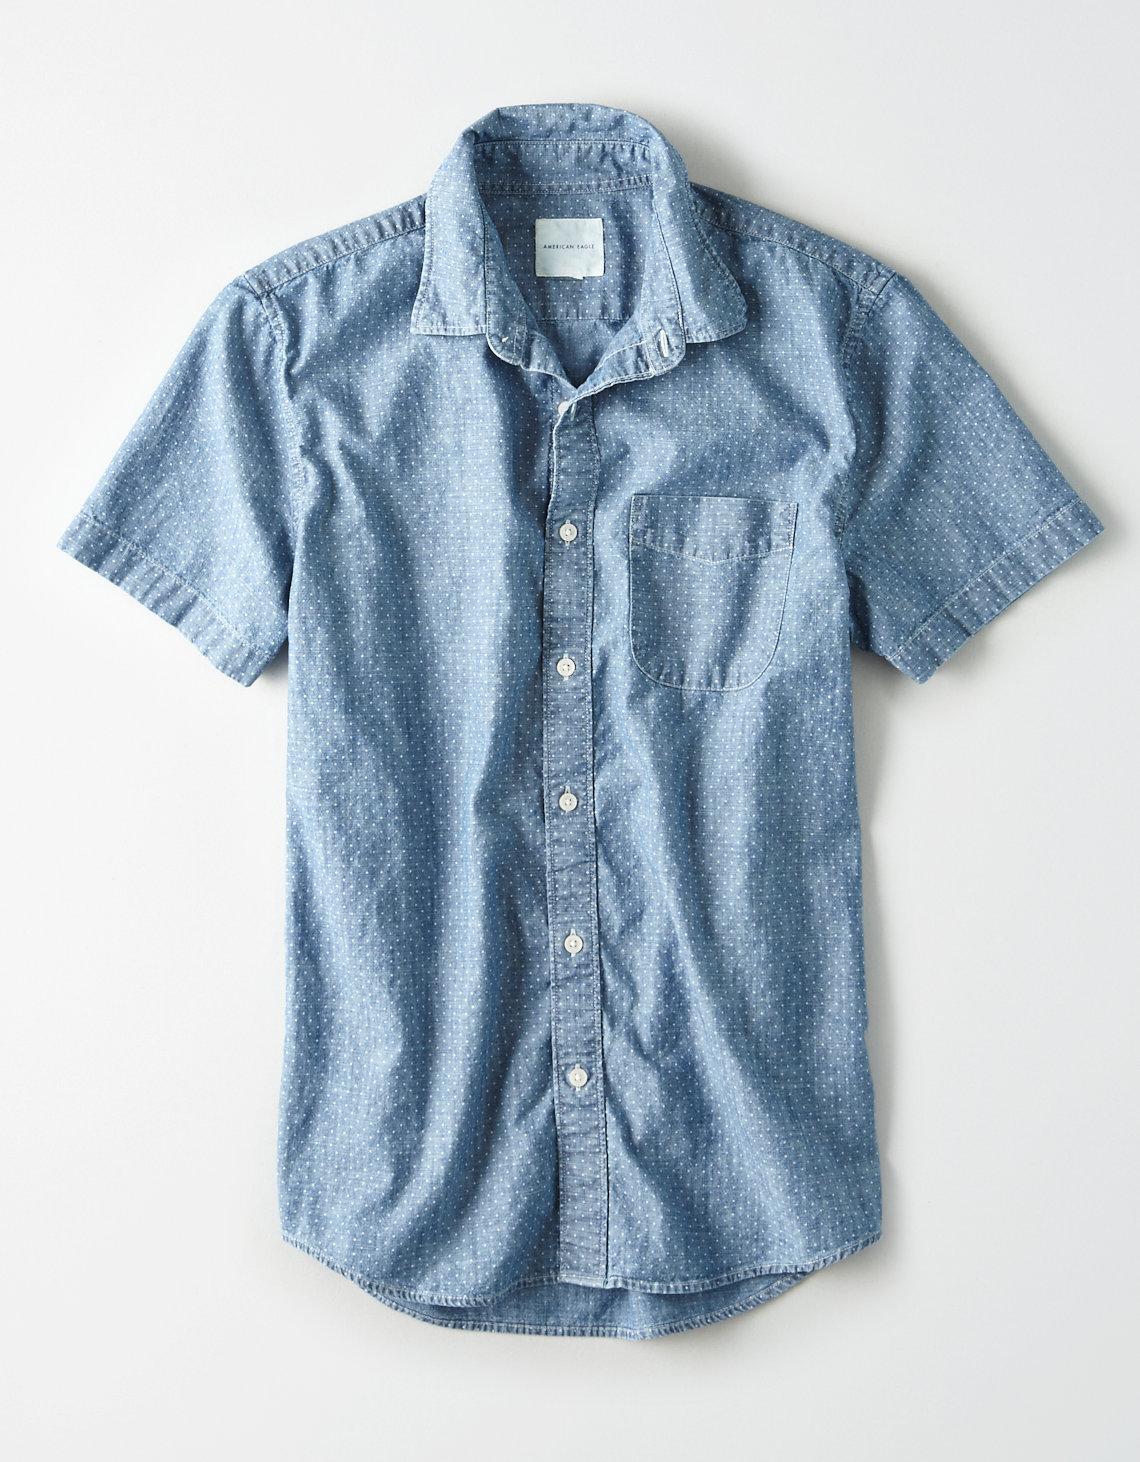 08f4b060289 Lyst - American Eagle Ae Lightweight Denim Short Sleeve Shirt in ...